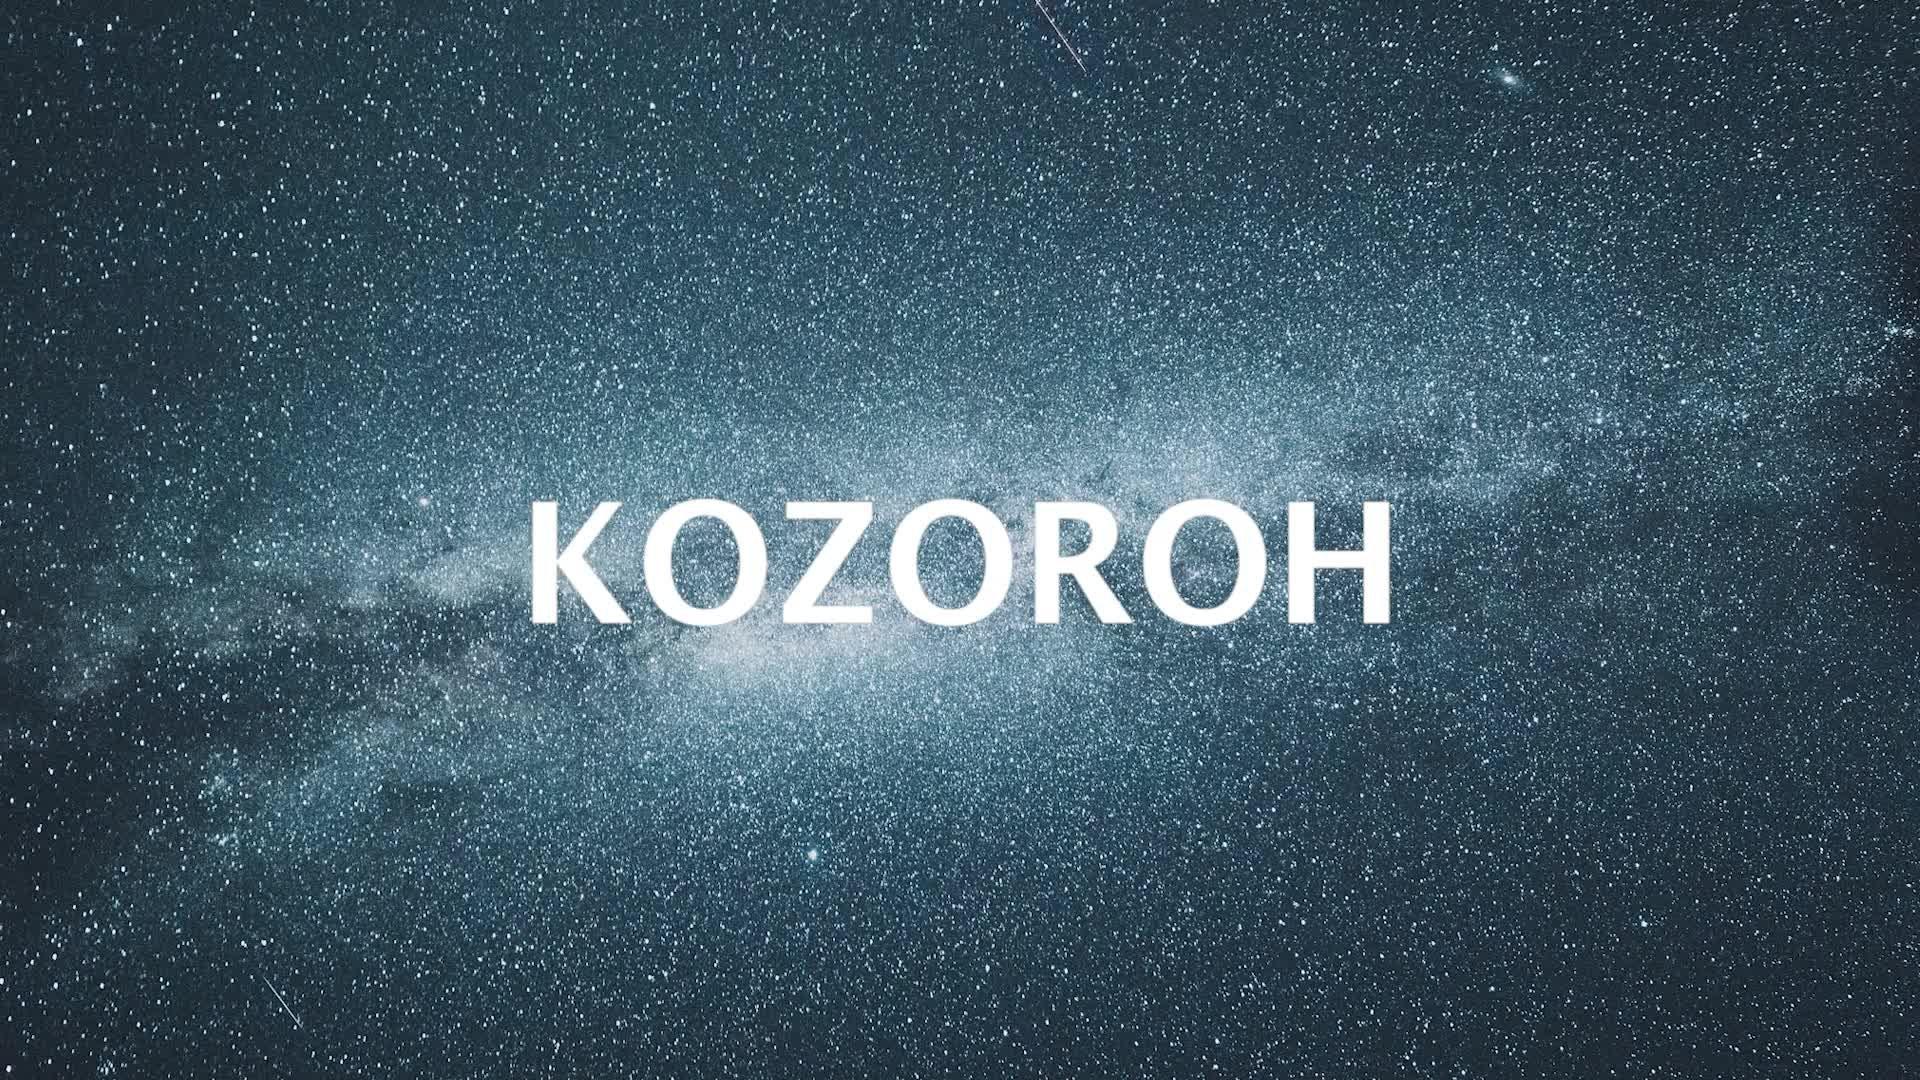 Astroložka Boháčová: Obecná charakteristika znamení - Kozoroh